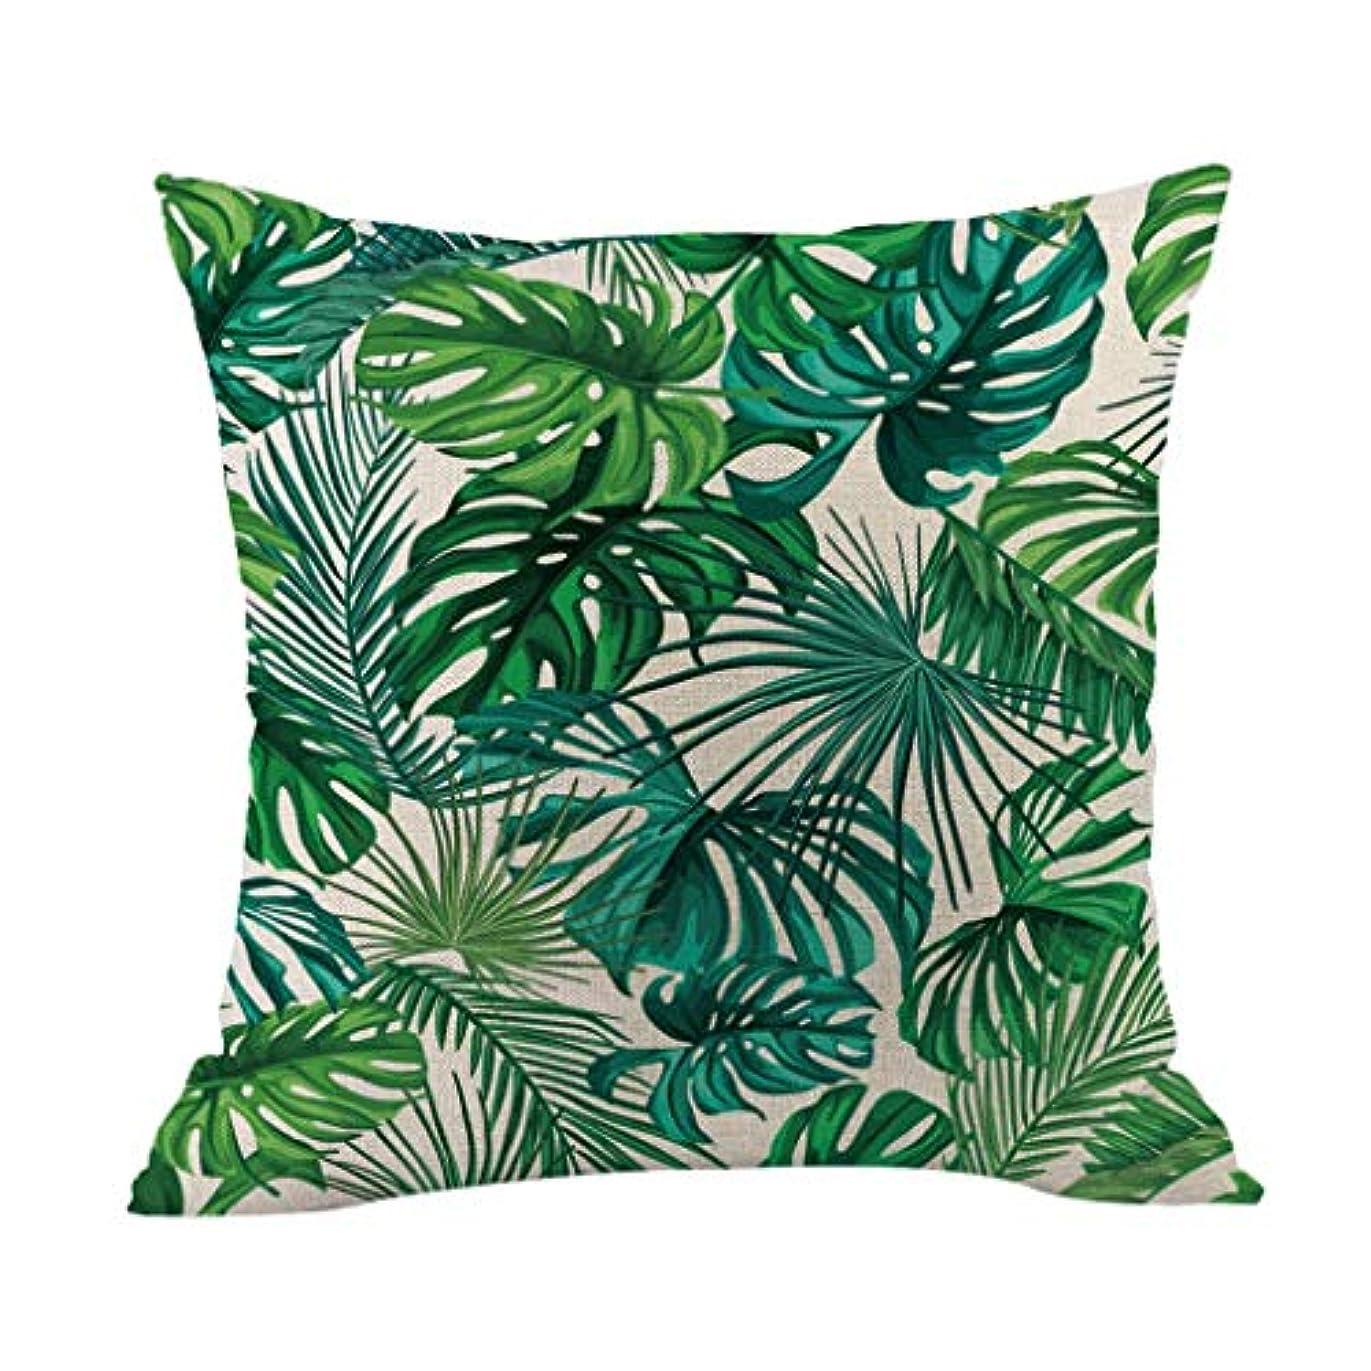 知らせるエンドウ違法LIFE 高品質クッション熱帯植物ポリエステル枕ソファ投げるパッドセットホーム人格クッション coussin decoratif クッション 椅子